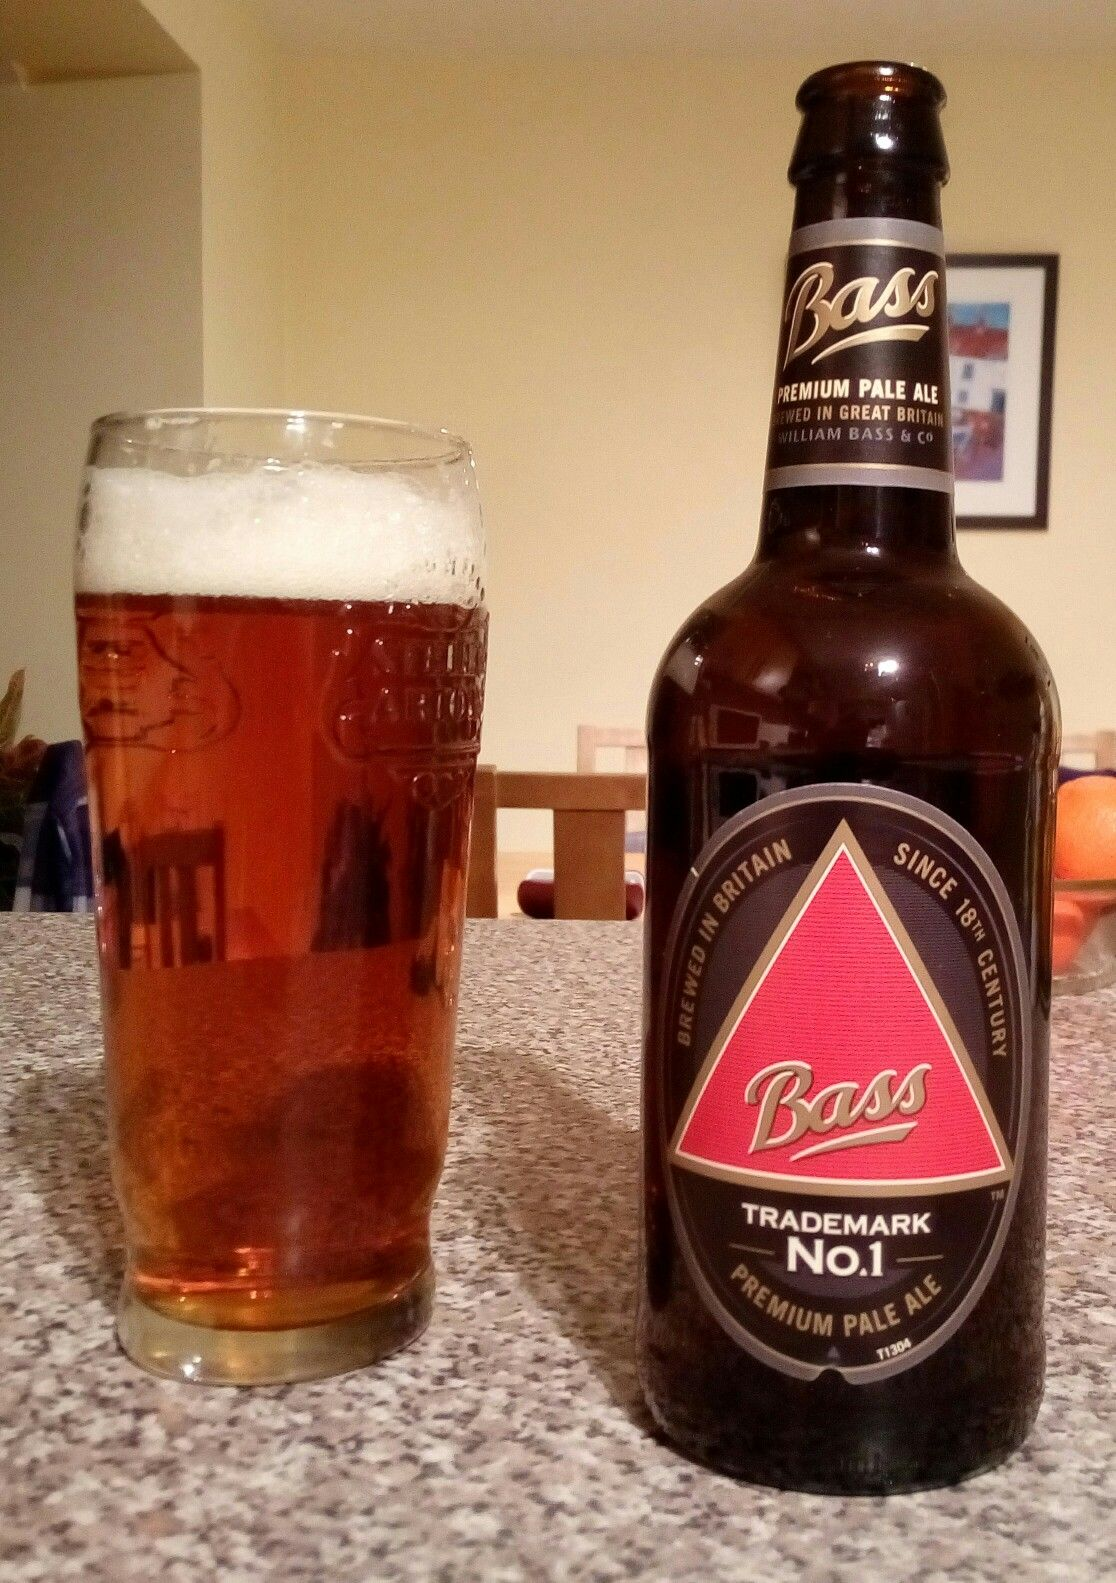 Bass Pale Ale Pale Ale Ale Beer Bottle